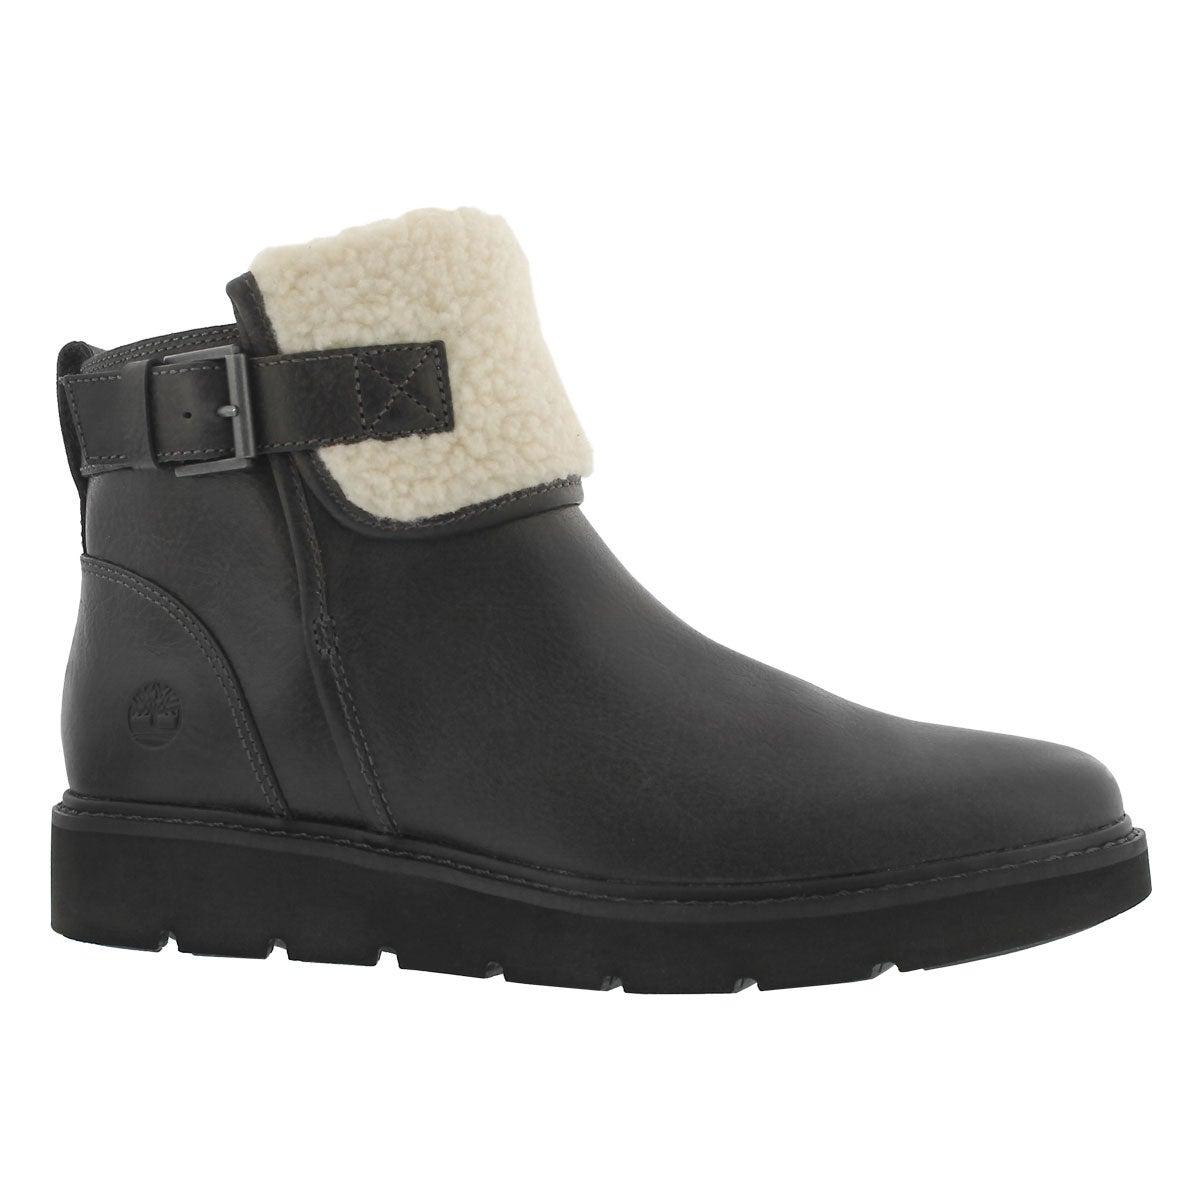 Women's KENNISTON dark grey slip on ankle boots